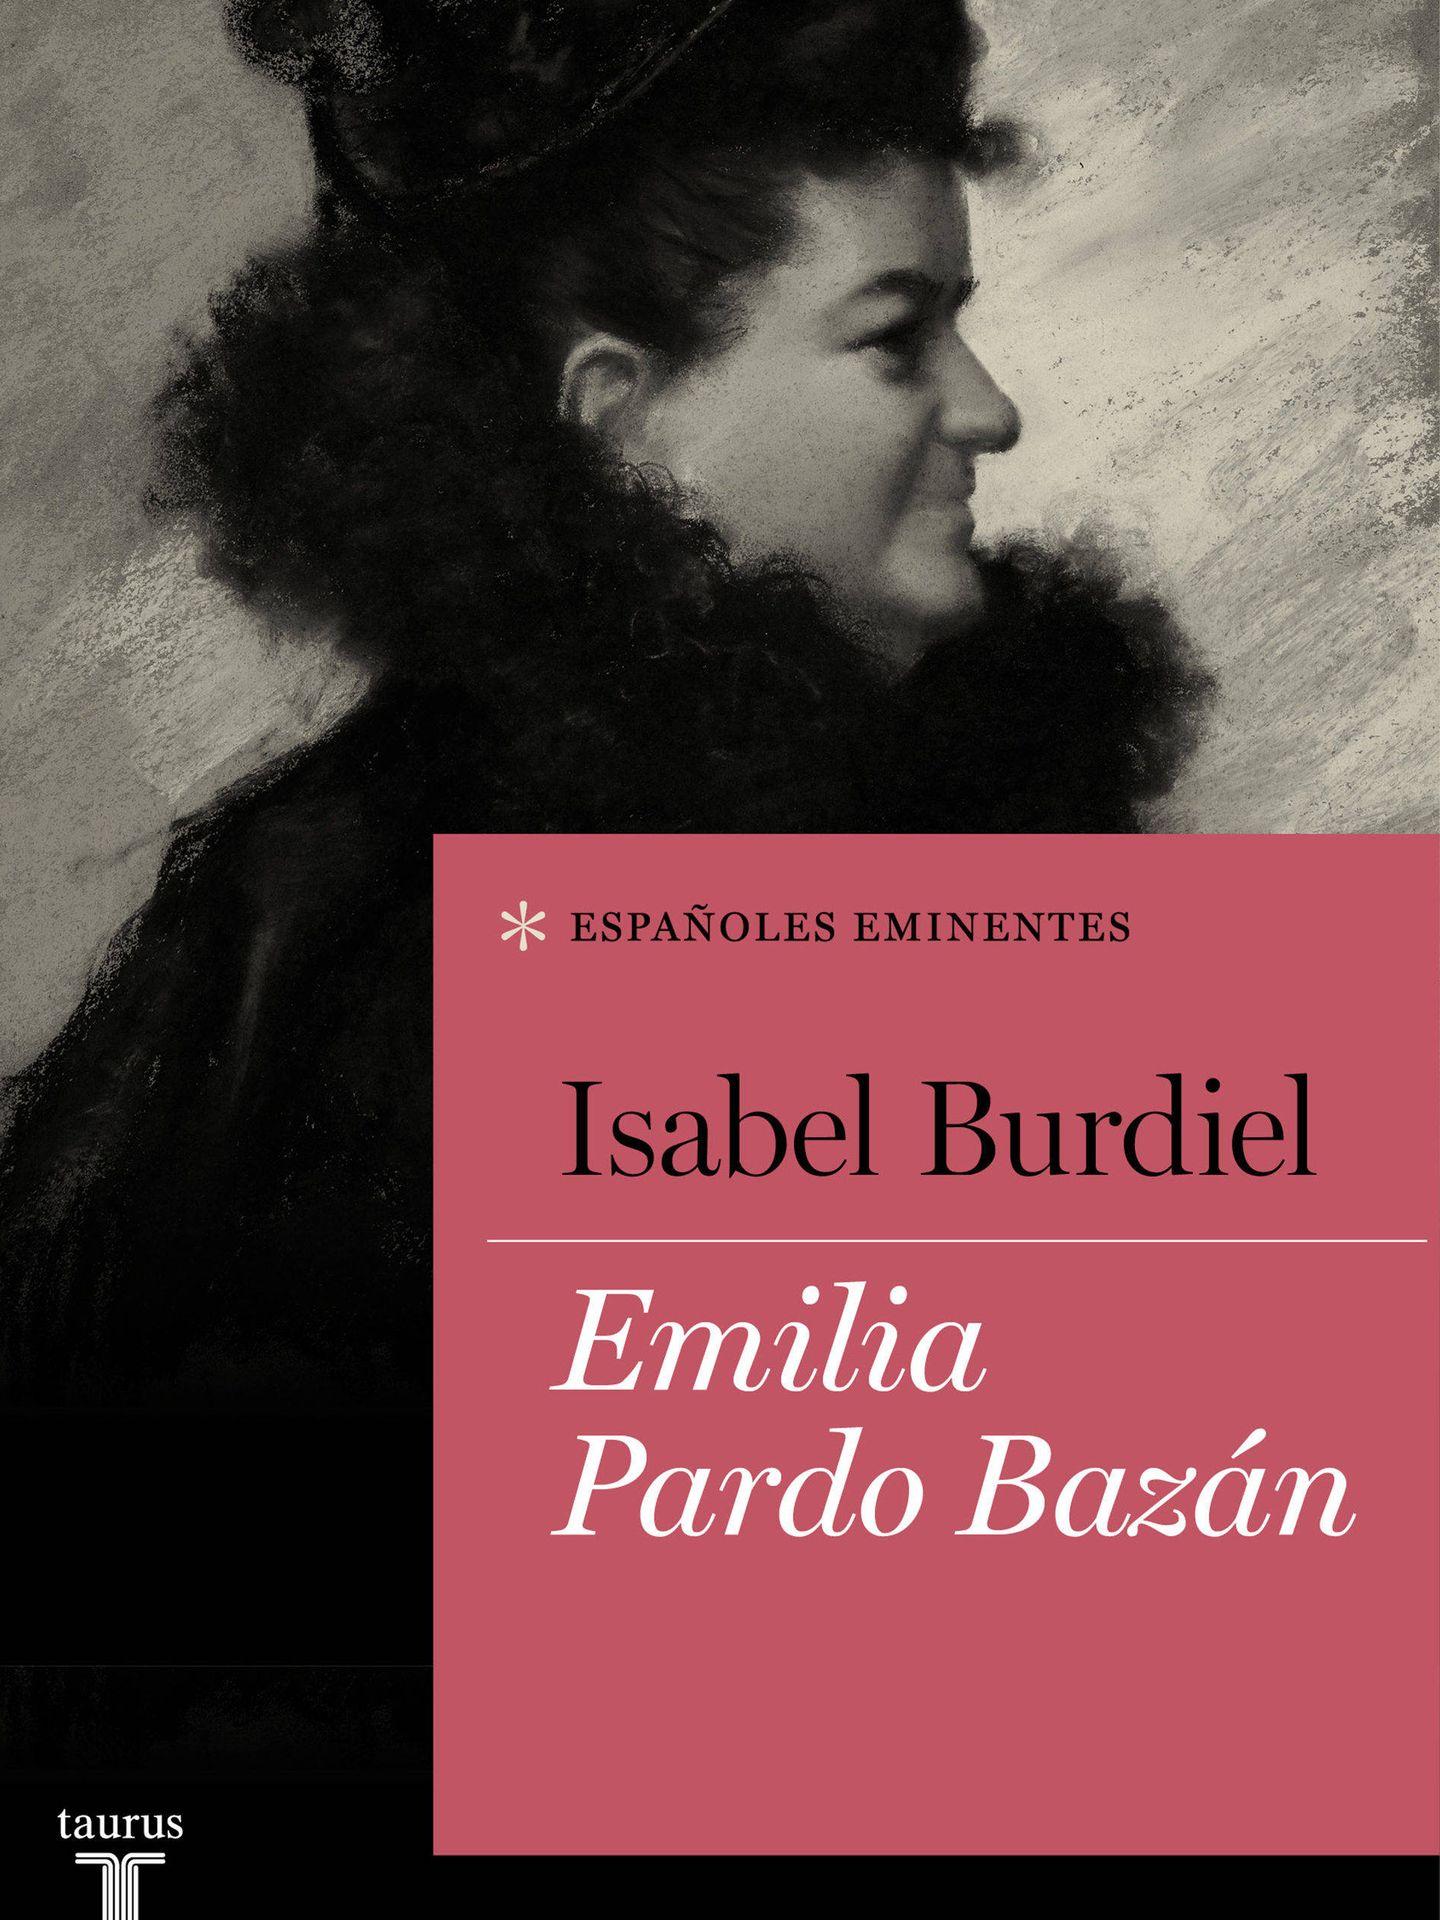 'Emilia Pardo Bazán' (Taurus)